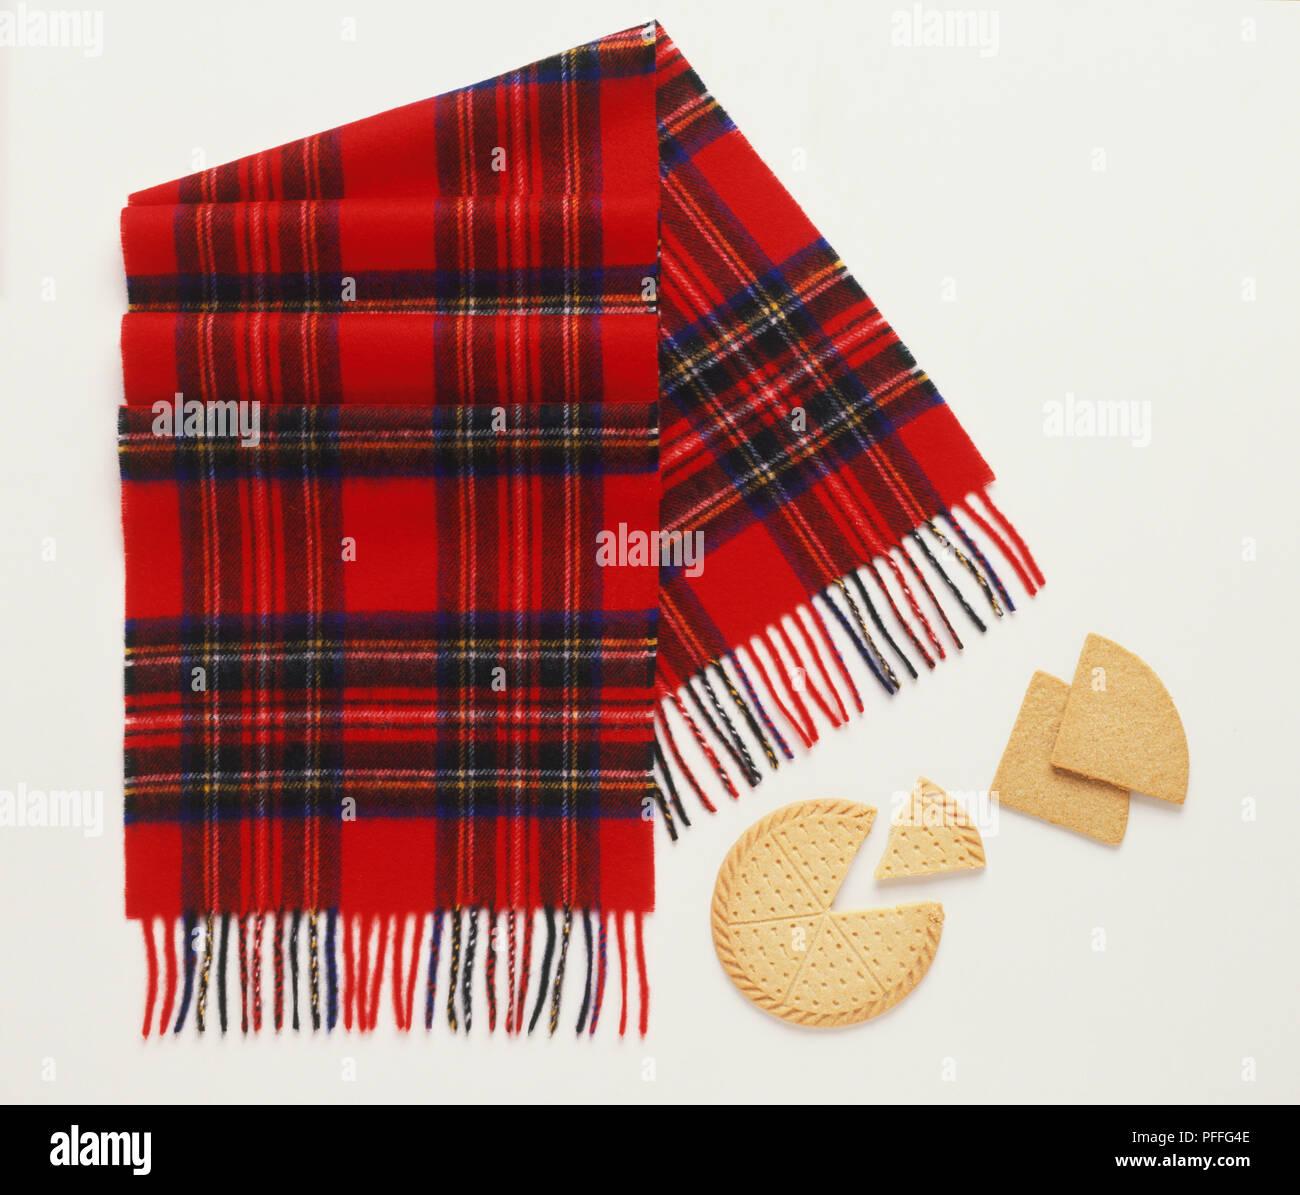 scopri le ultime tendenze Super sconto ultimo design In tartan rosso sciarpa, Pastafrolla scozzese triangoli ...